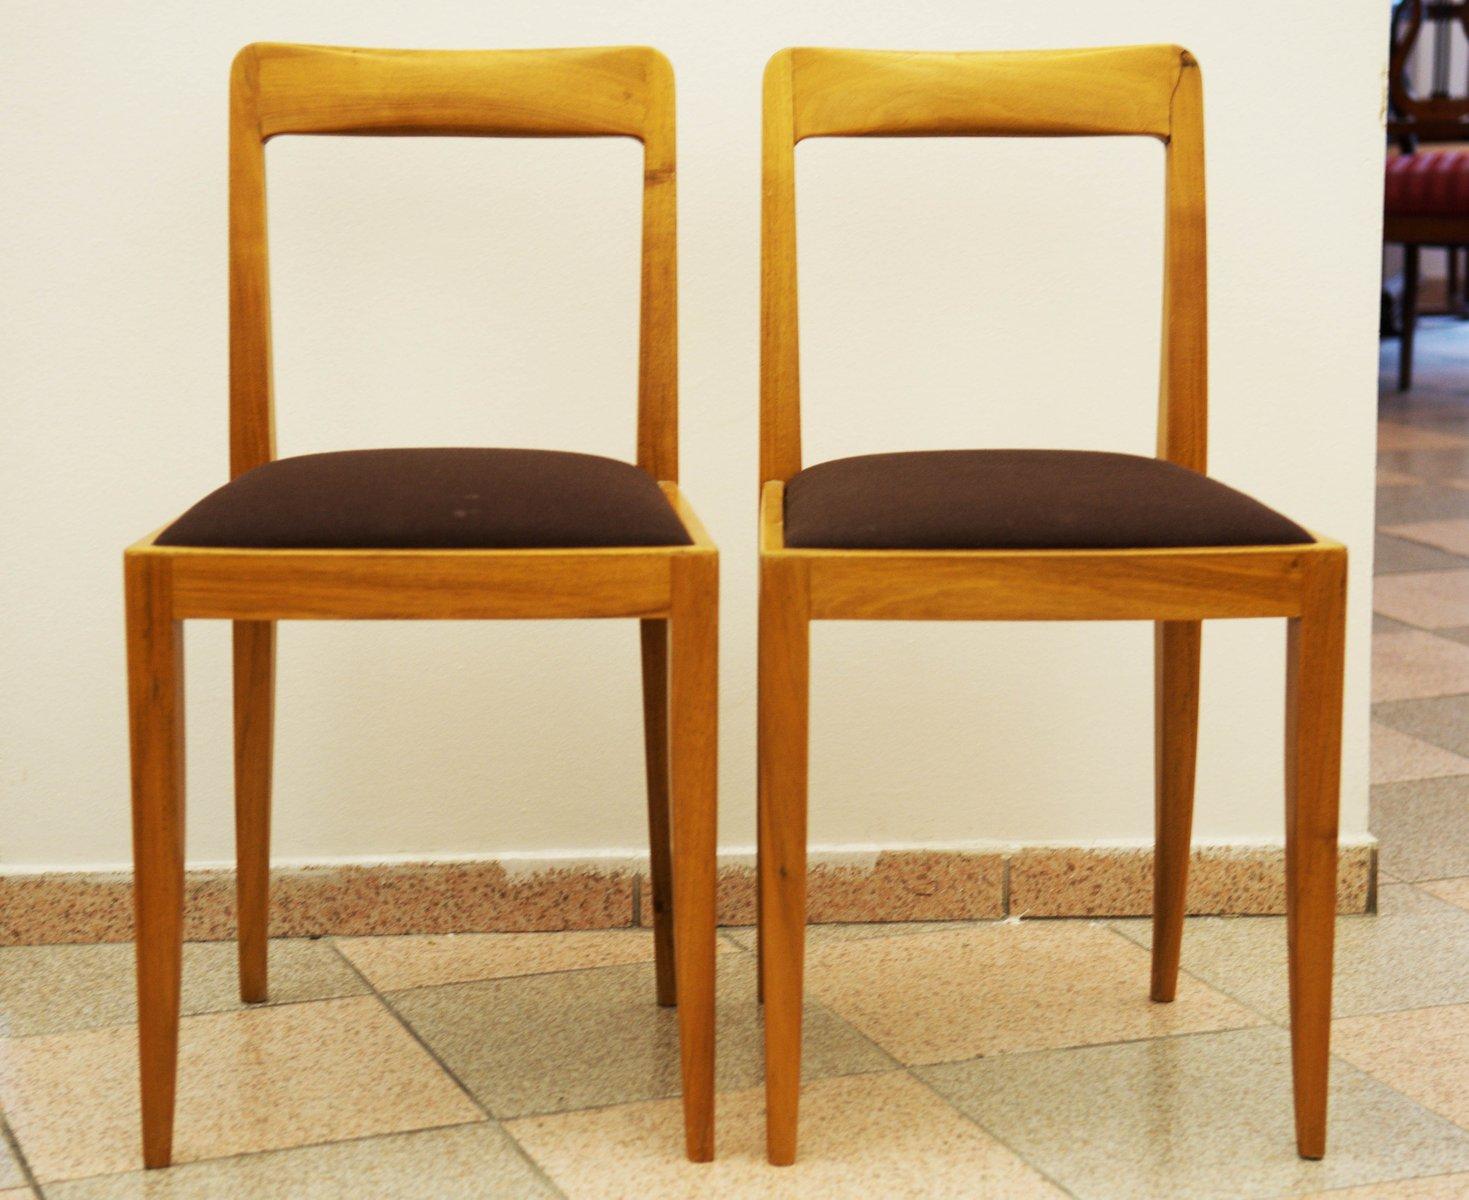 sterreichische st hle von julius jirasek f r werkst tten hagenauer bei pamono kaufen. Black Bedroom Furniture Sets. Home Design Ideas